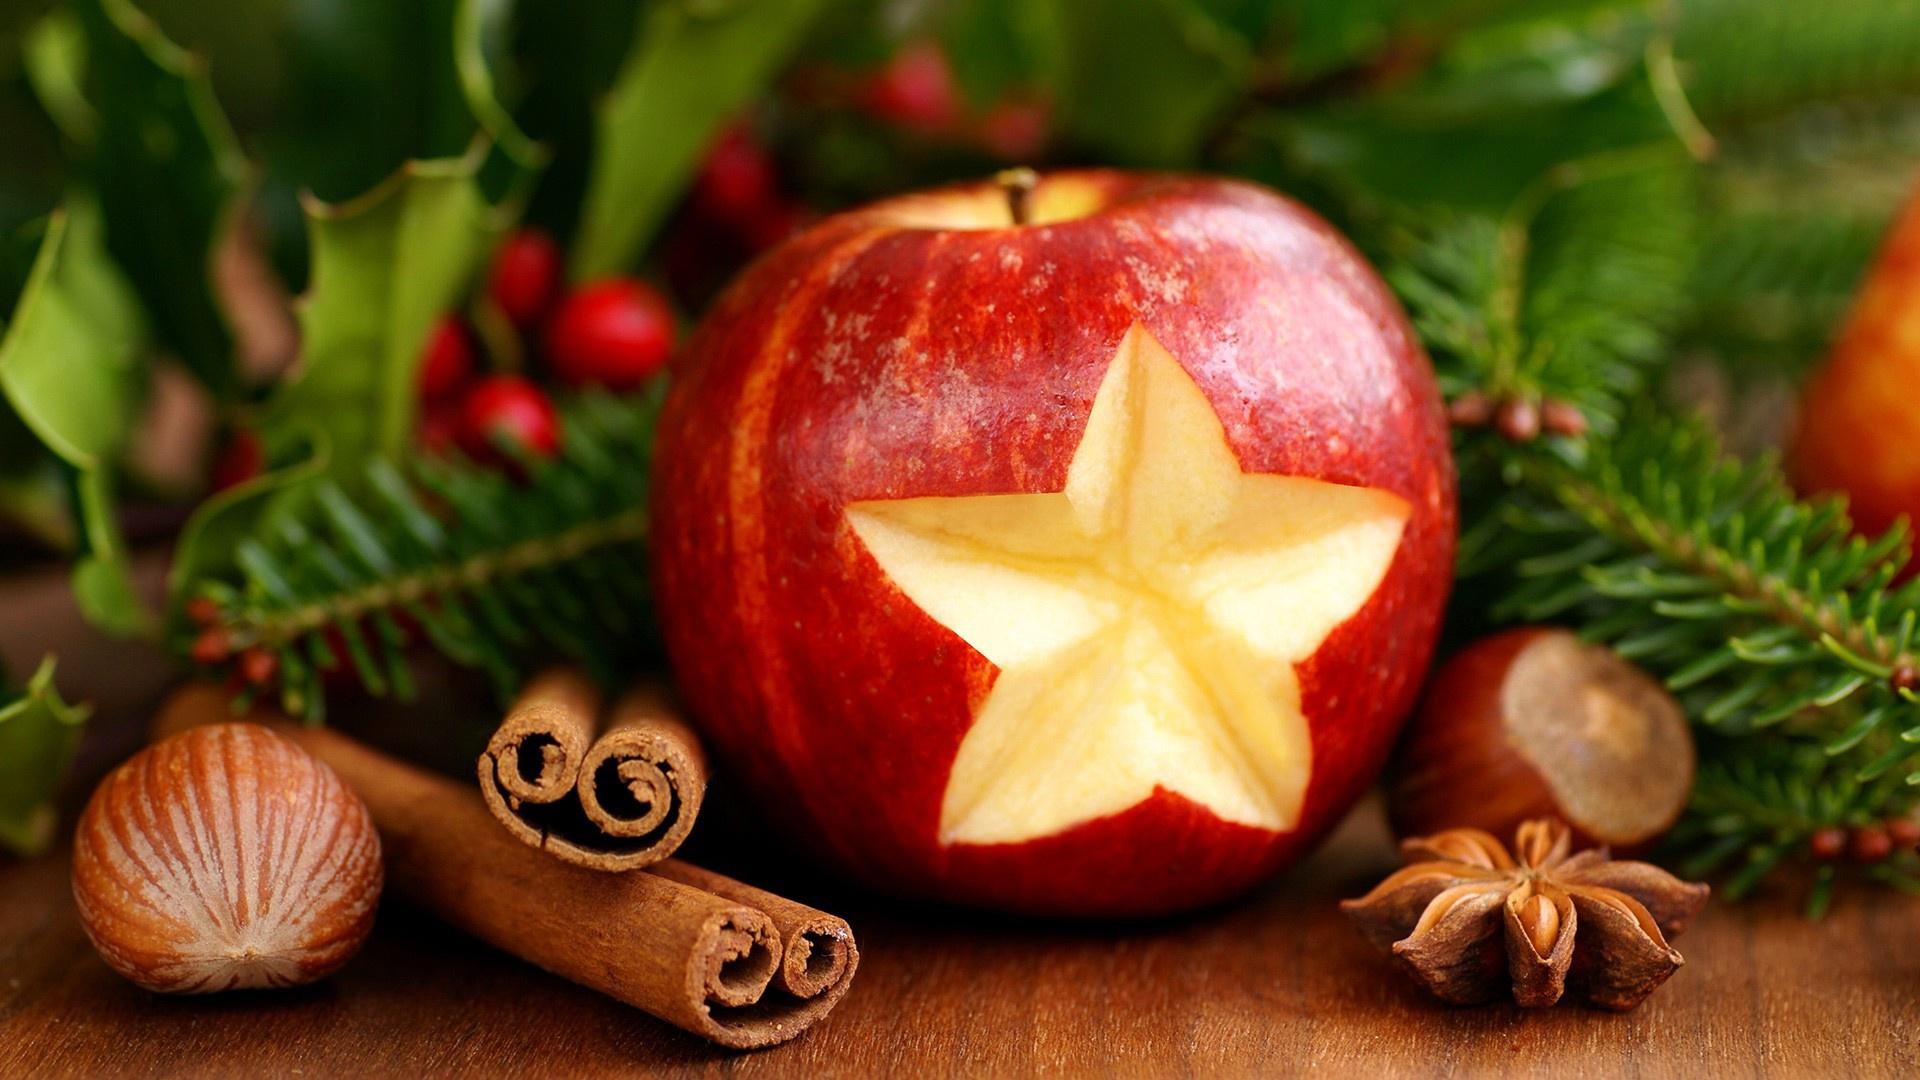 рождественский фон печенье апельсины палочки корицы на телефон